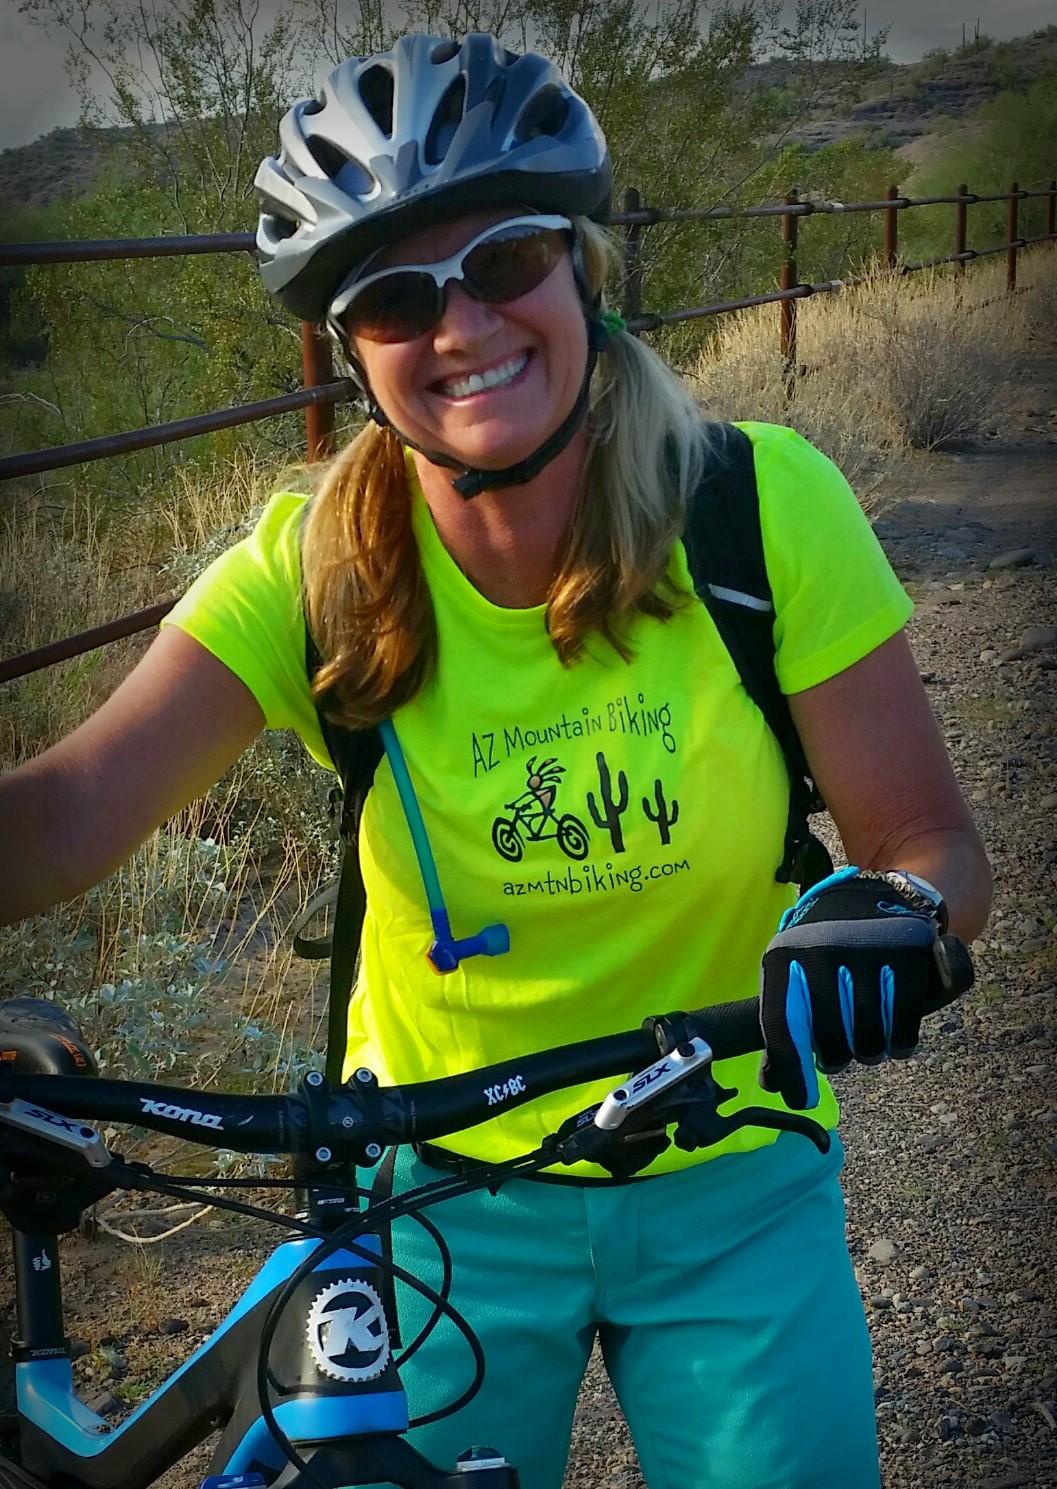 AZ Mountain Biking neon yellow riding shirt